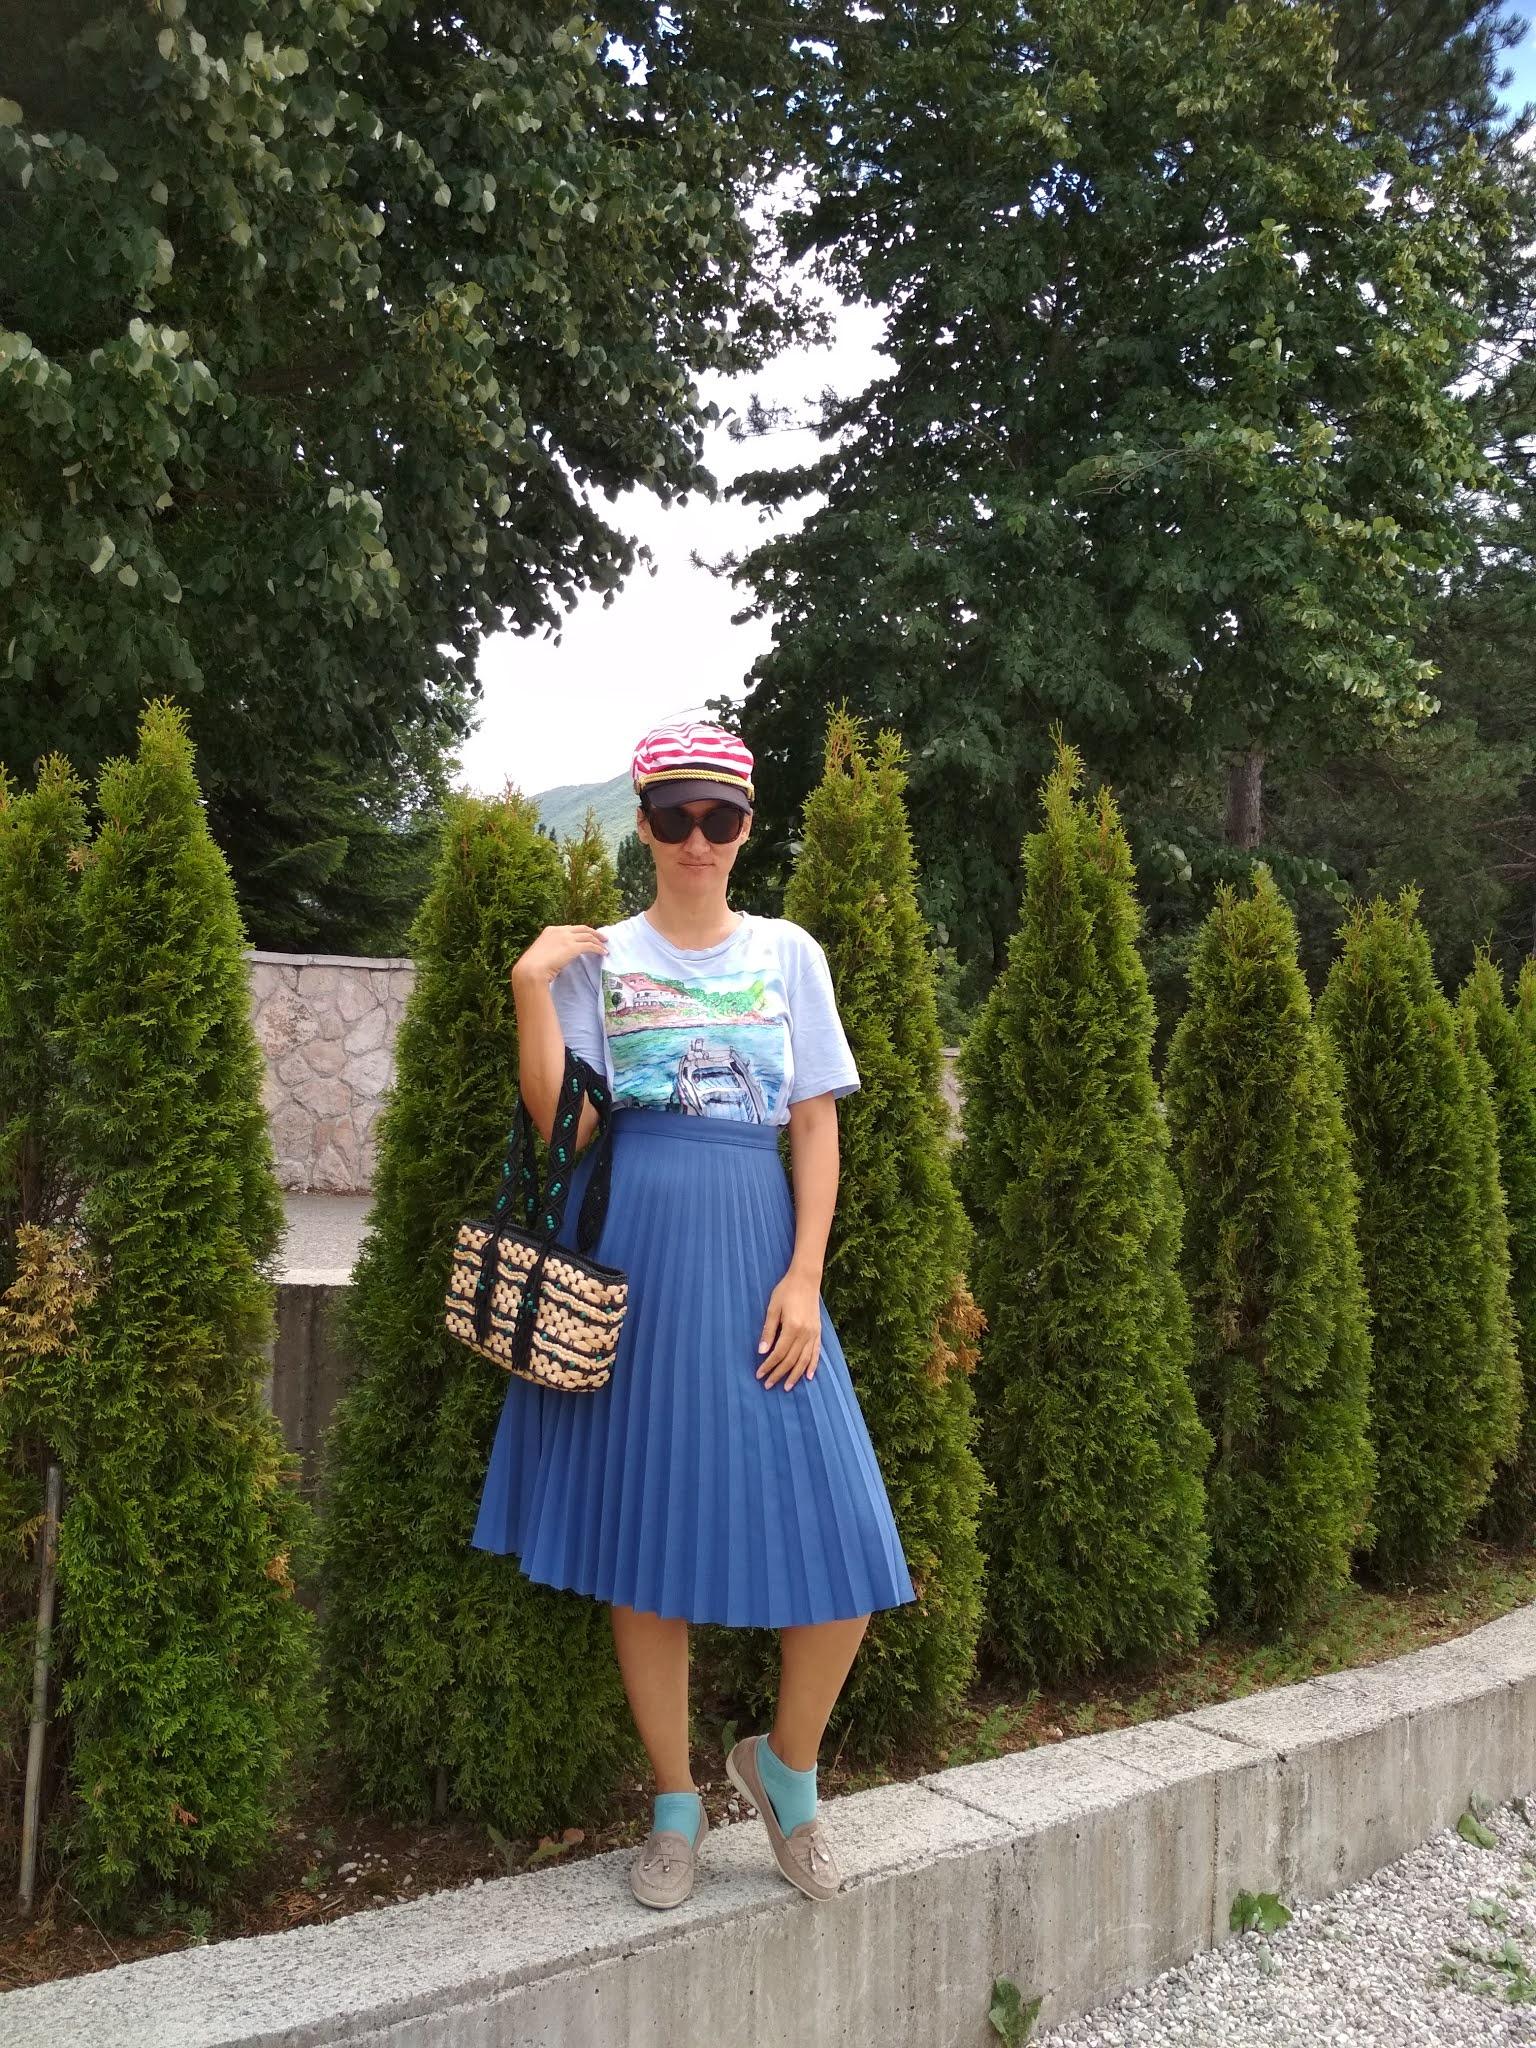 #modaodaradosti #bluepleatedskirt #pleatedskirt